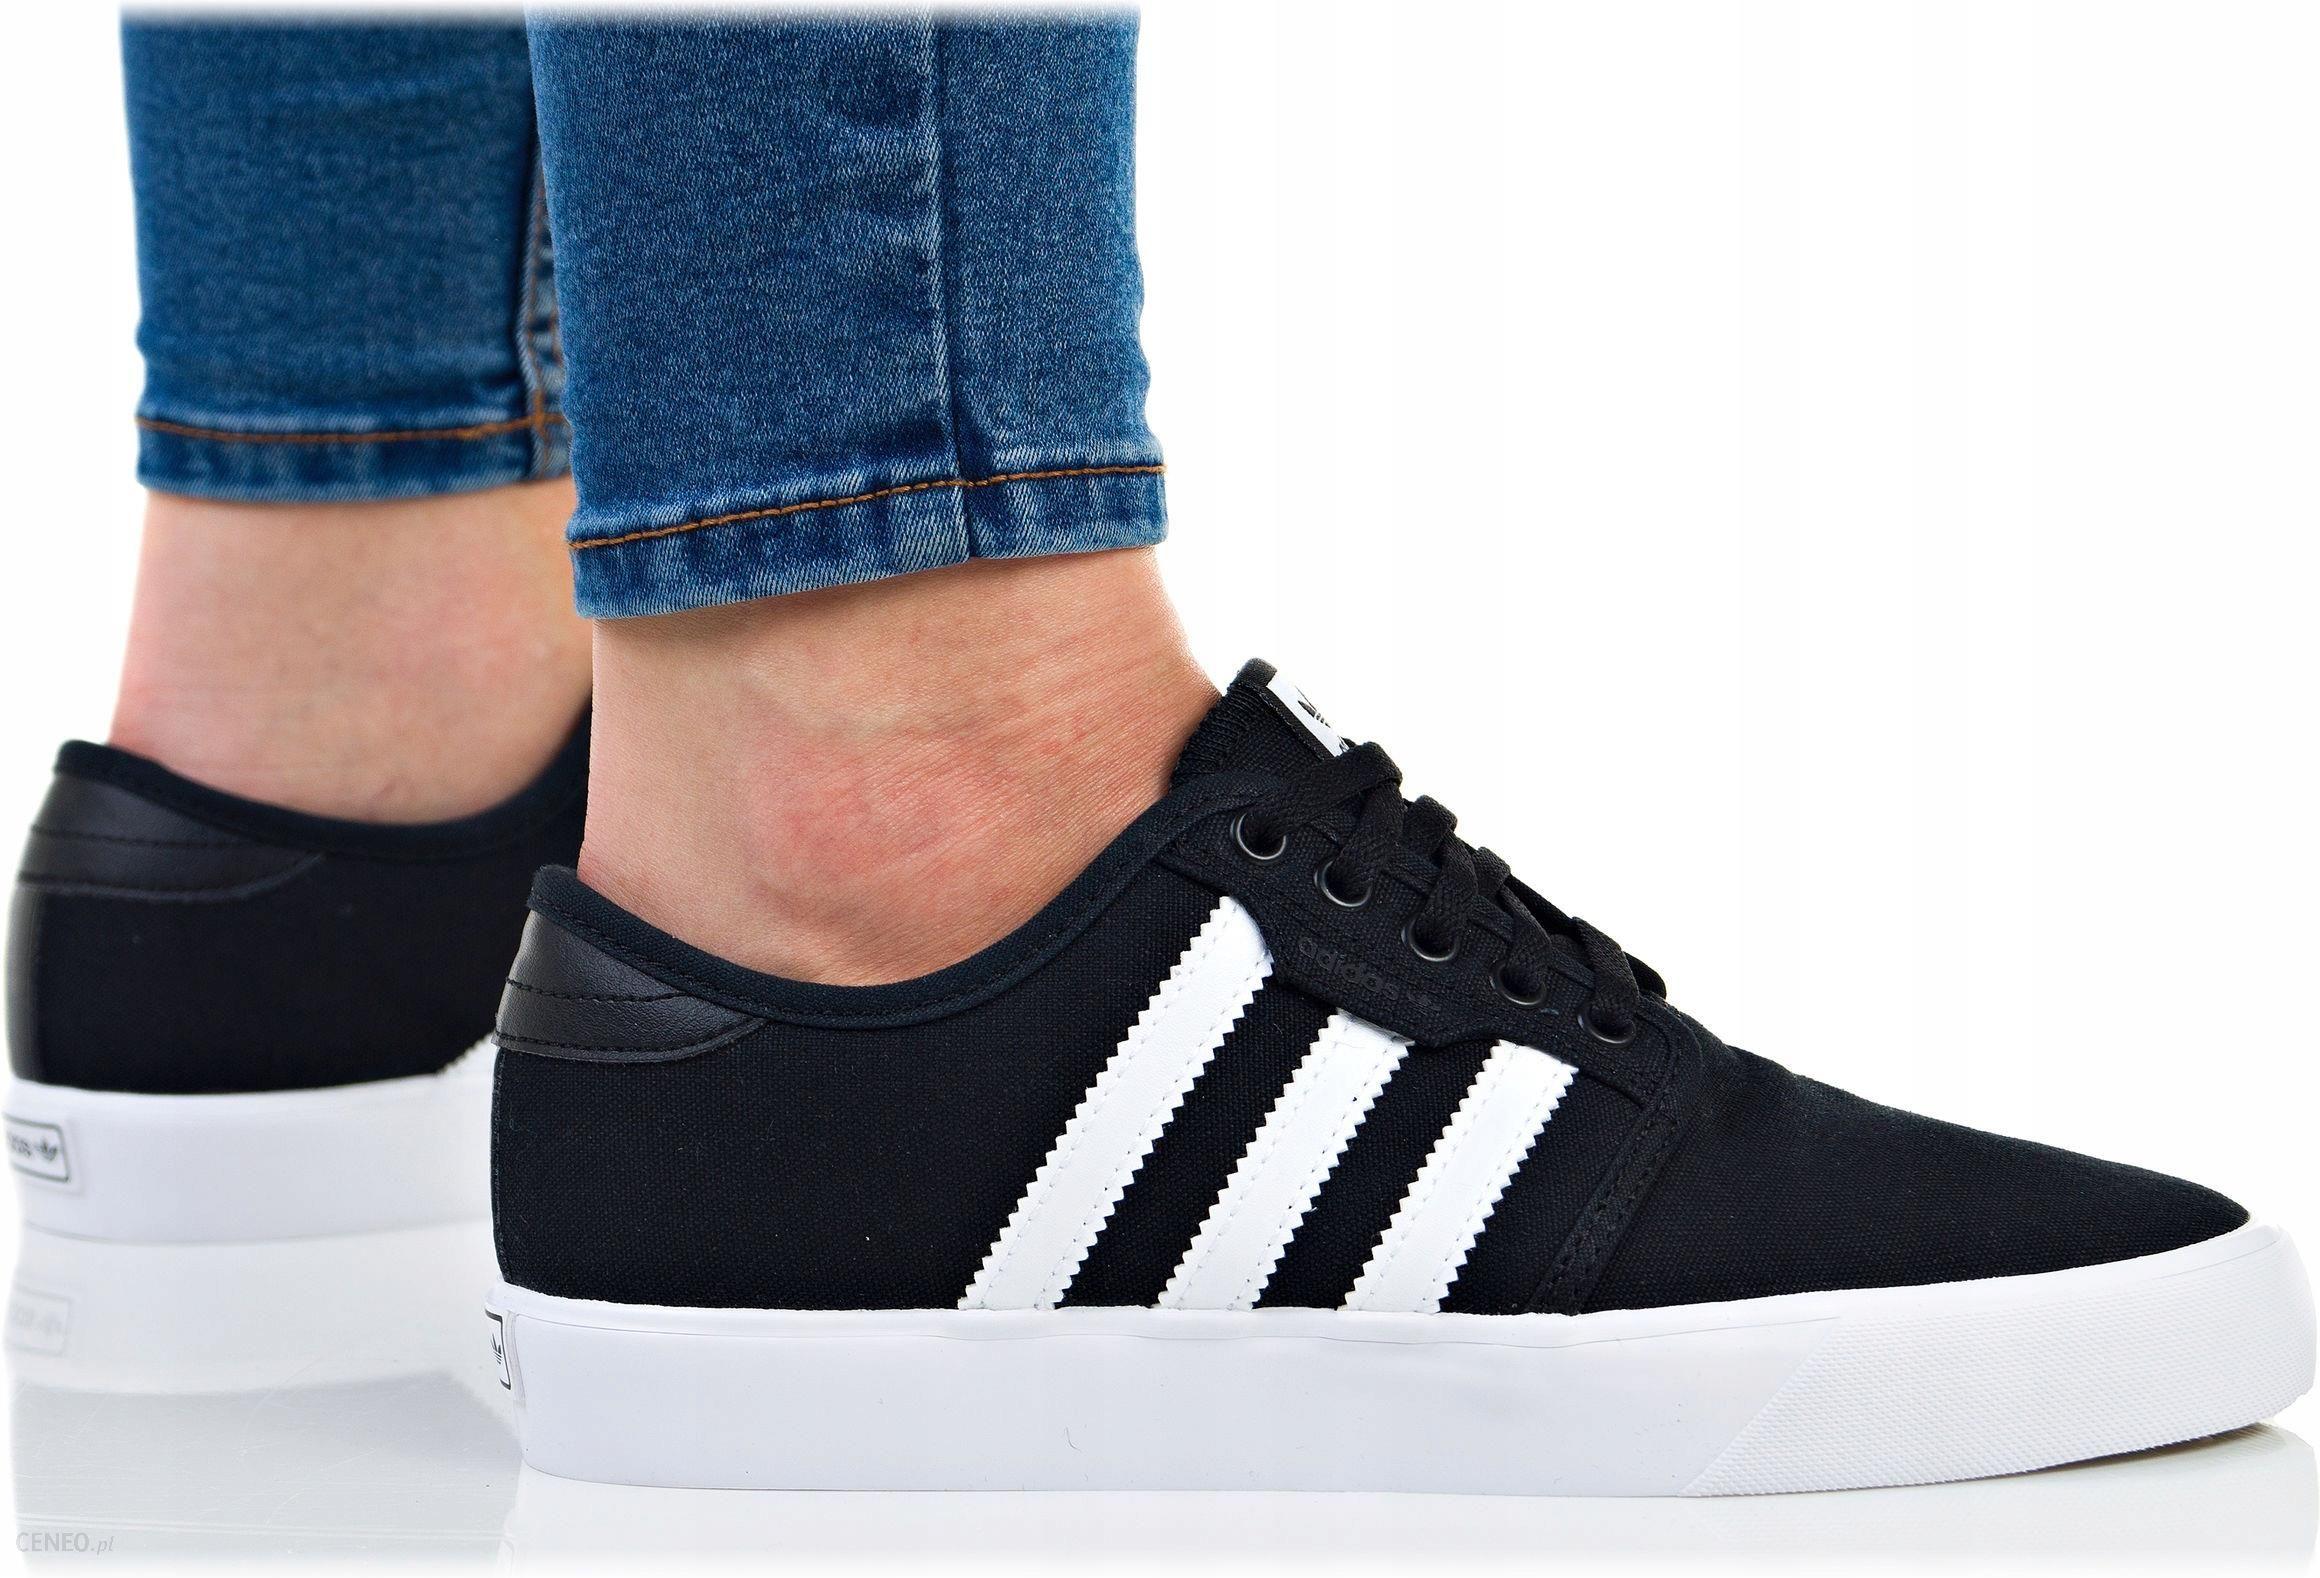 Buty Adidas Seeley J BY3838 Trampki R. 38 23 Ceny i opinie Ceneo.pl